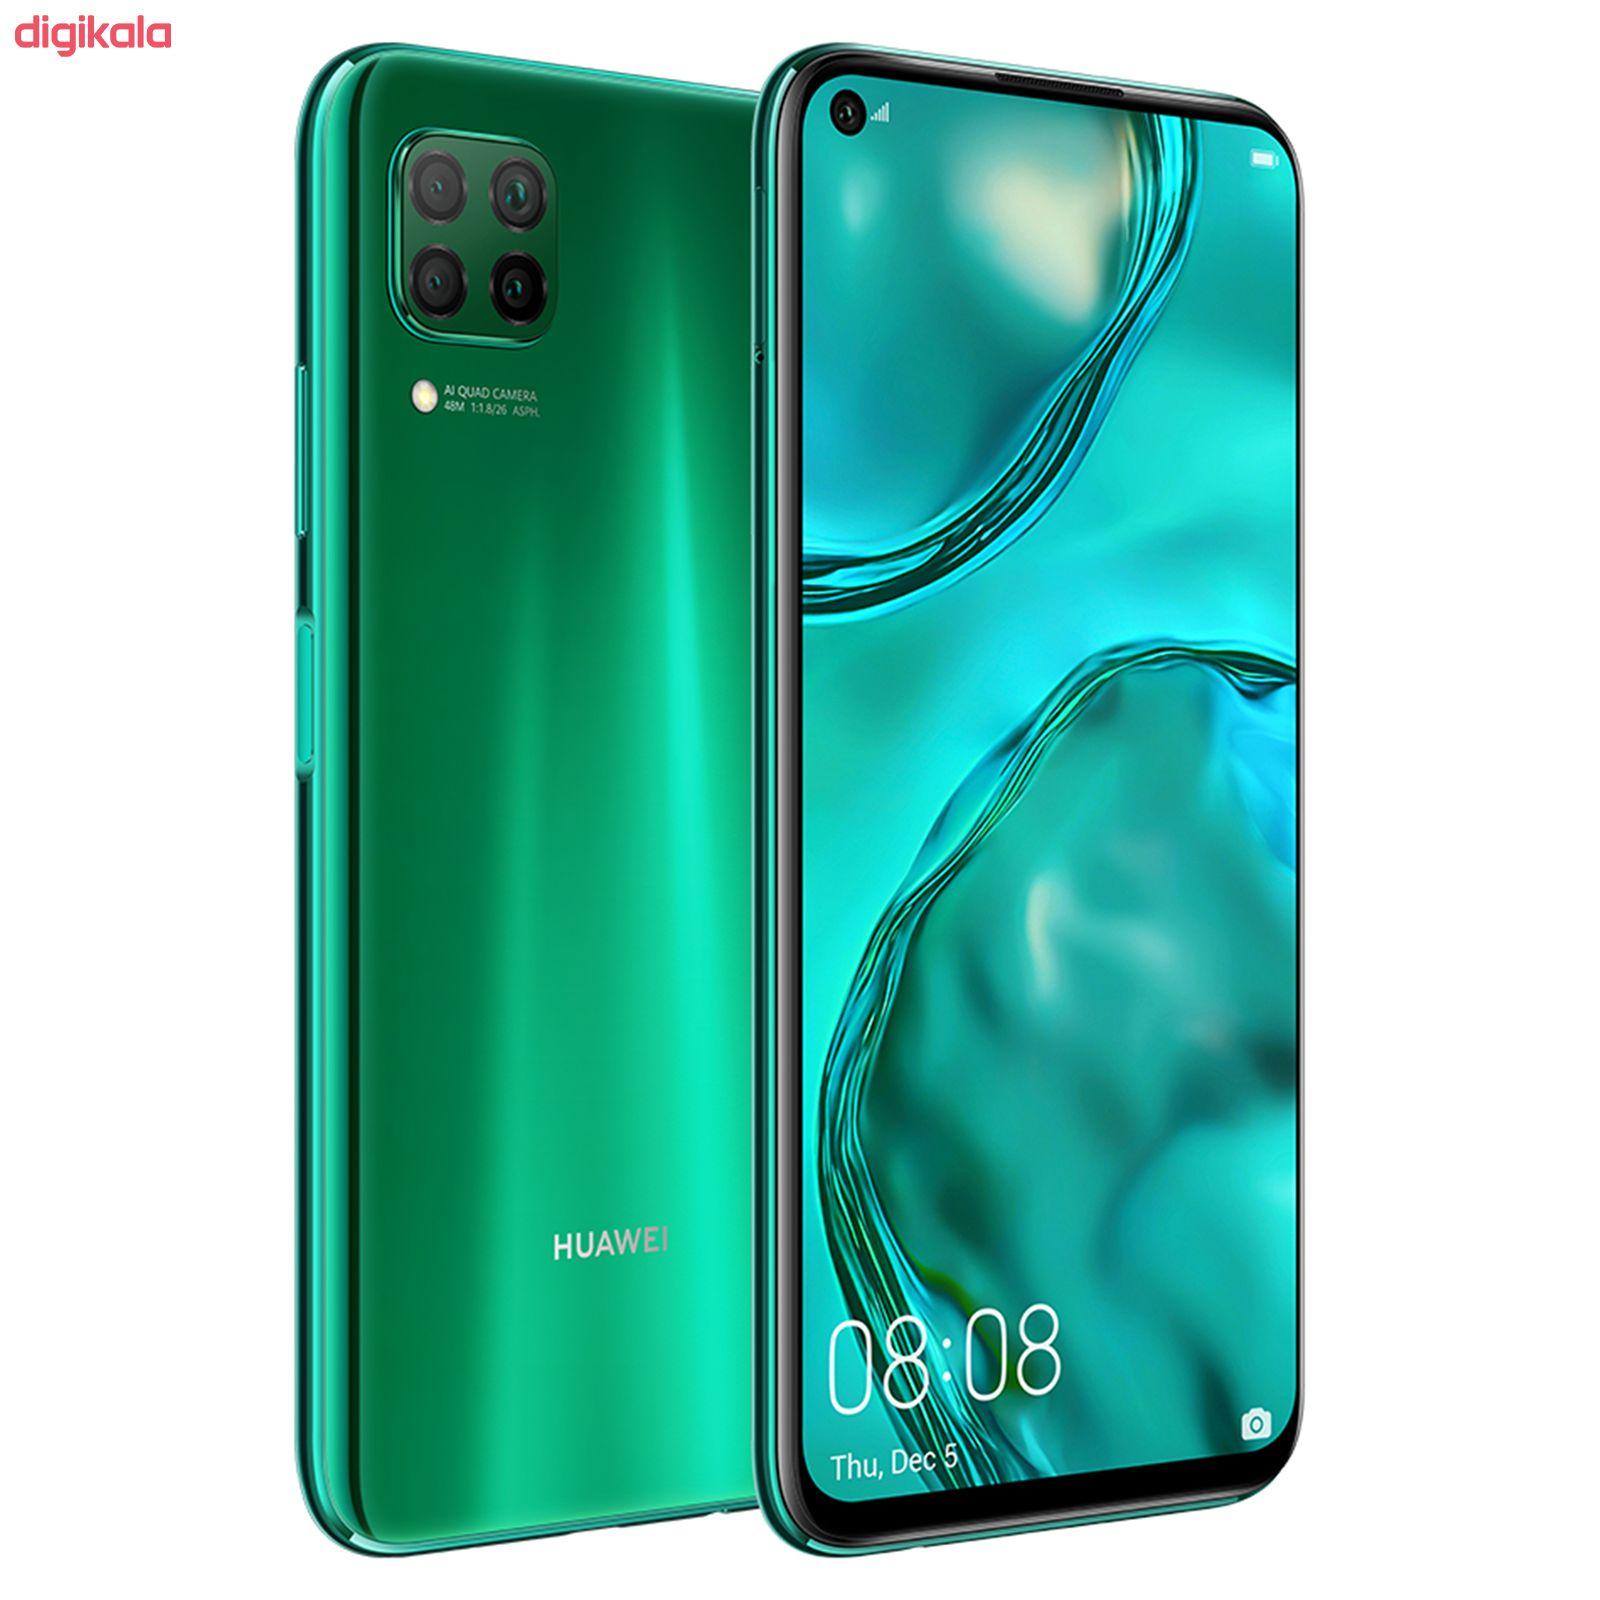 گوشی موبایل هوآوی مدل Nova 7i JNY-LX1 دو سیم کارت ظرفیت 128 گیگابایت به همراه شارژر همراه هدیه main 1 10